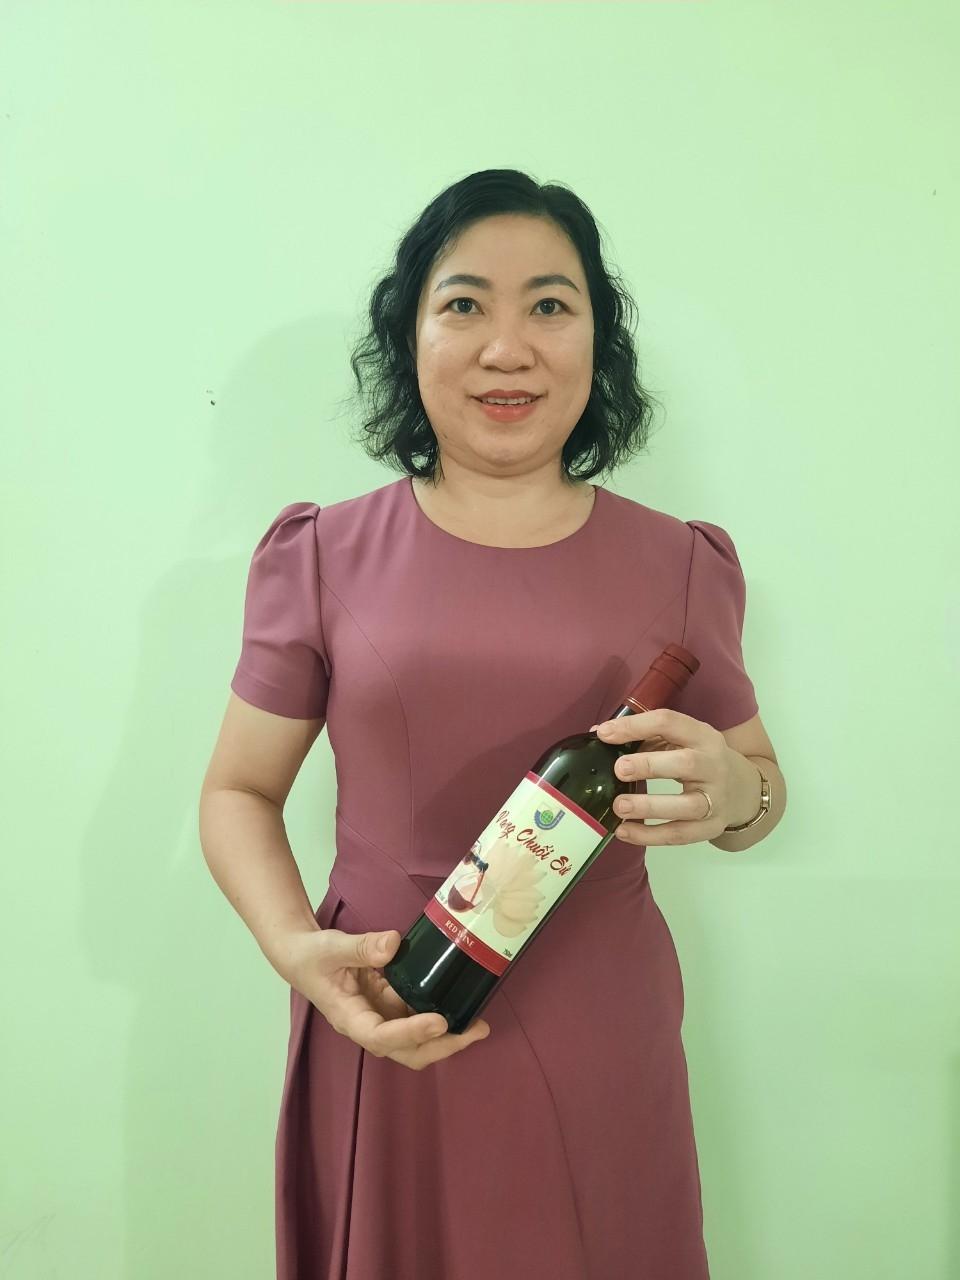 """Thạc sĩ Phạm Thị Ngọc Thùy với sản phẩm """"Rượu vang chuối sứ"""""""